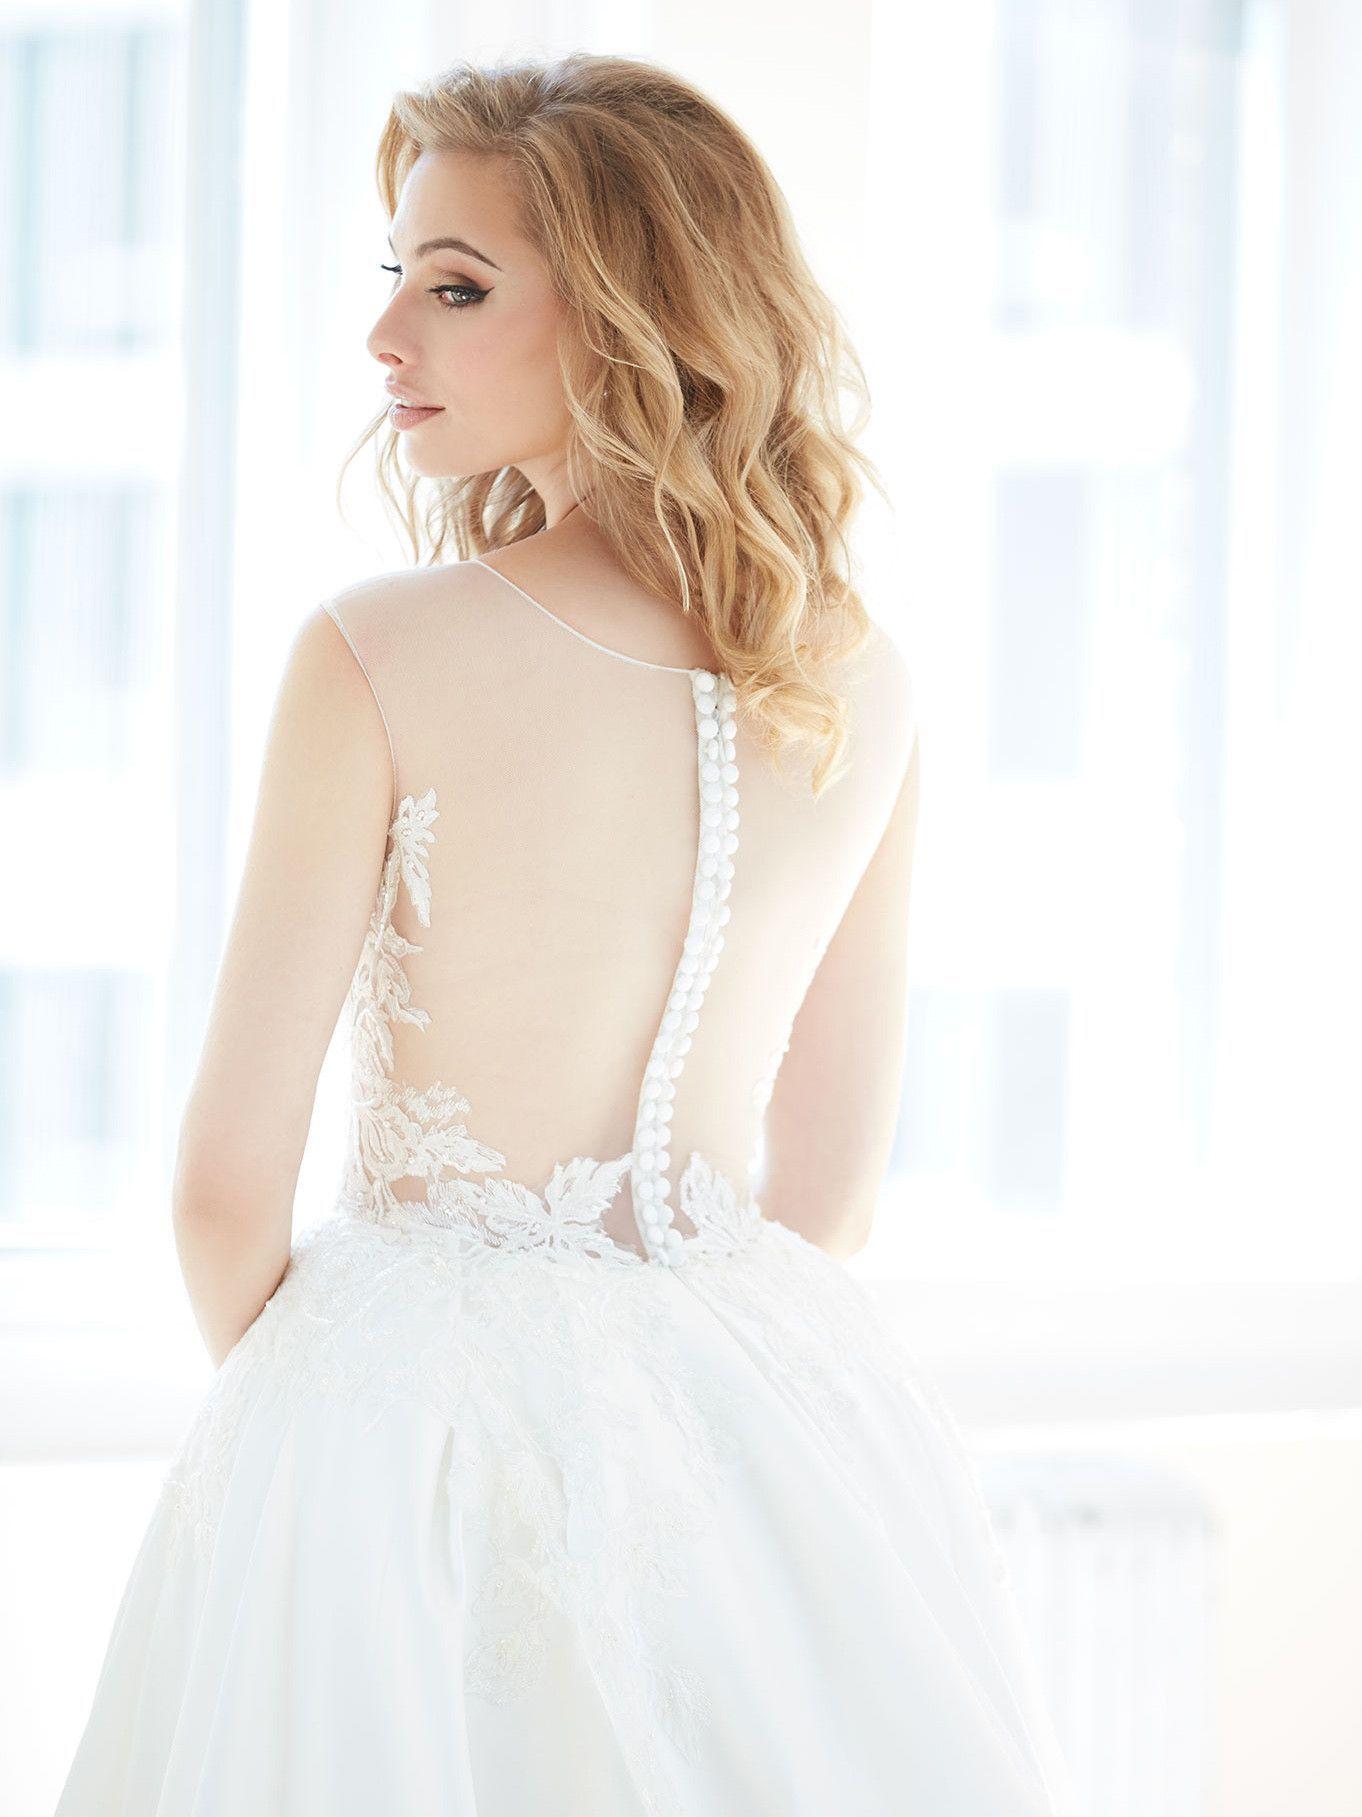 Wedding dresses fresno  Madison James MJ  Pinterest  Products